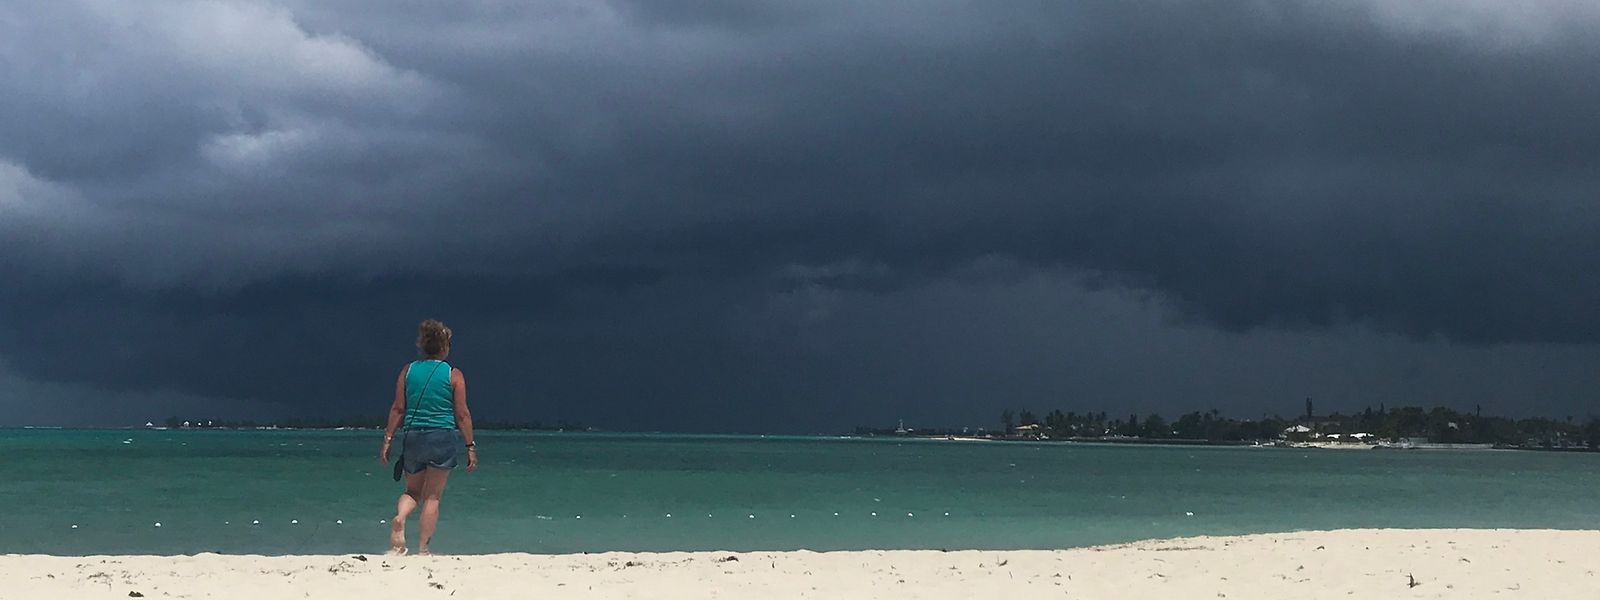 """Am Donnerstag brauten sich wieder erste Gewitterwolken über den Bahamas zusammen. Am Samstag könnten sie """"möglicherweise als Tropensturm"""" auf die Insel Grand Bahama treffen."""